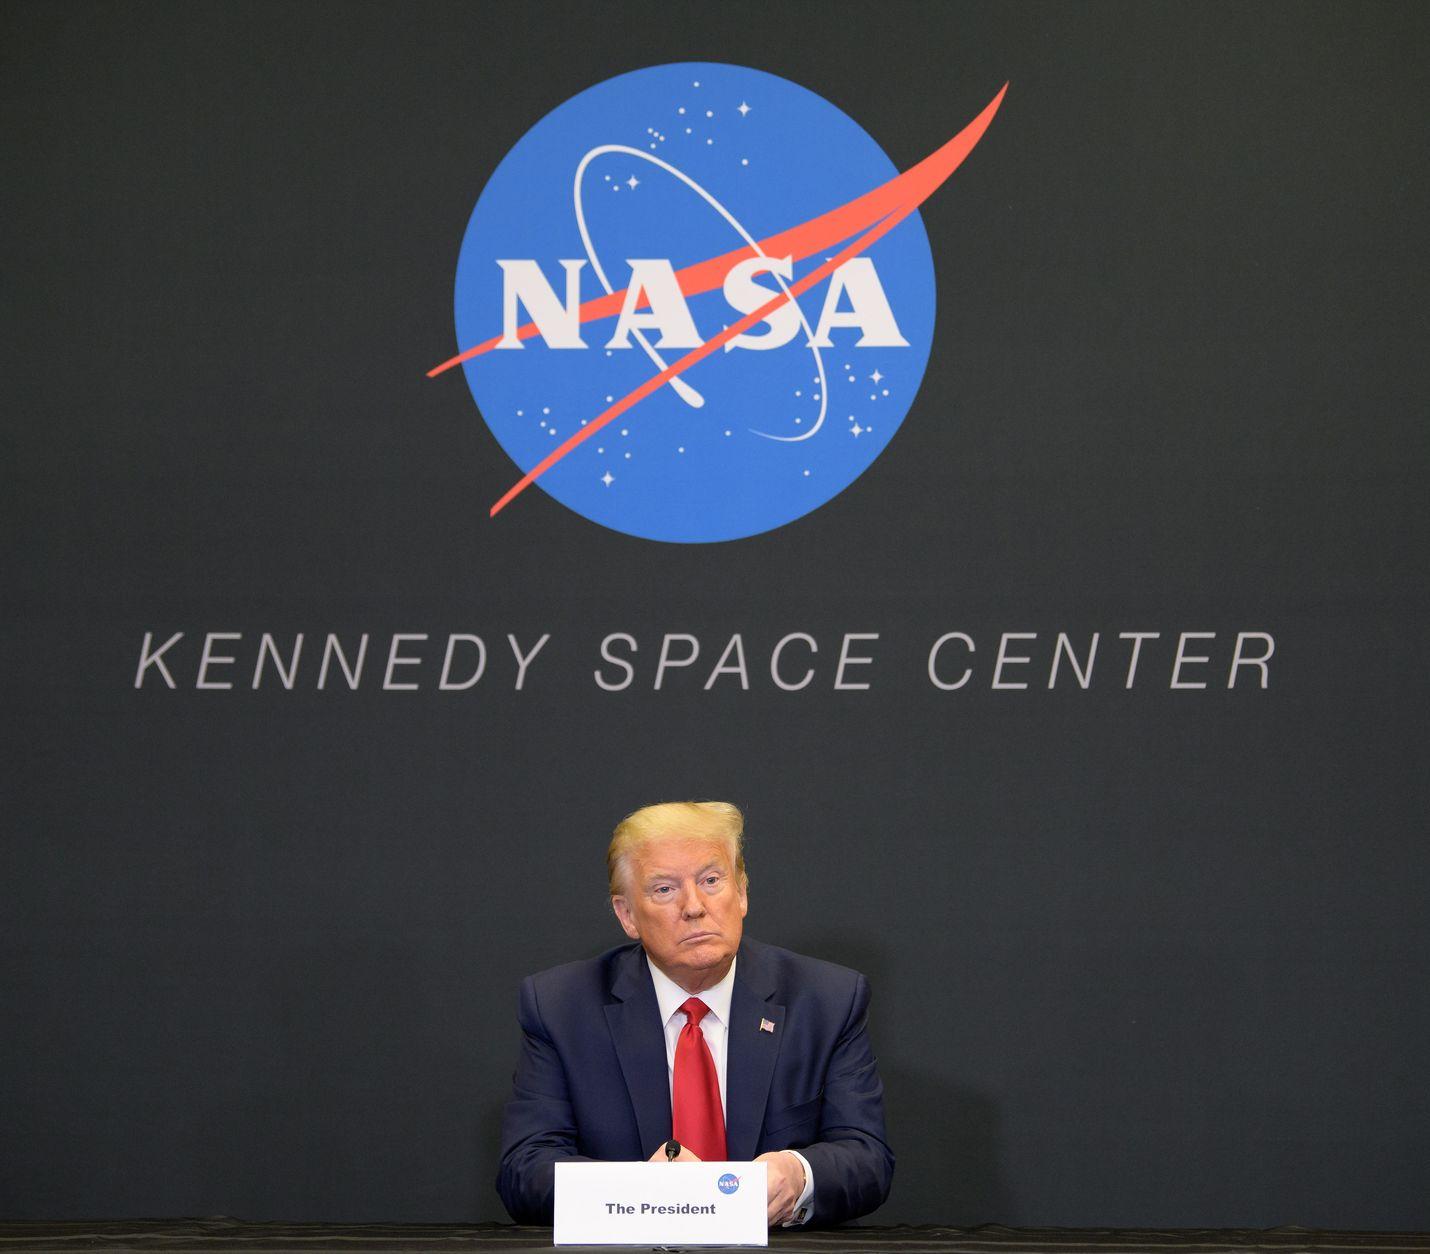 Presidentti Donald Trump kävi keskiviikkona turhaan Floridassa Kennedyn avaruuskeskuksessa, kun SpaceX-avaruusraketin laukaisu jouduttiin perumaan huonon sään takia.